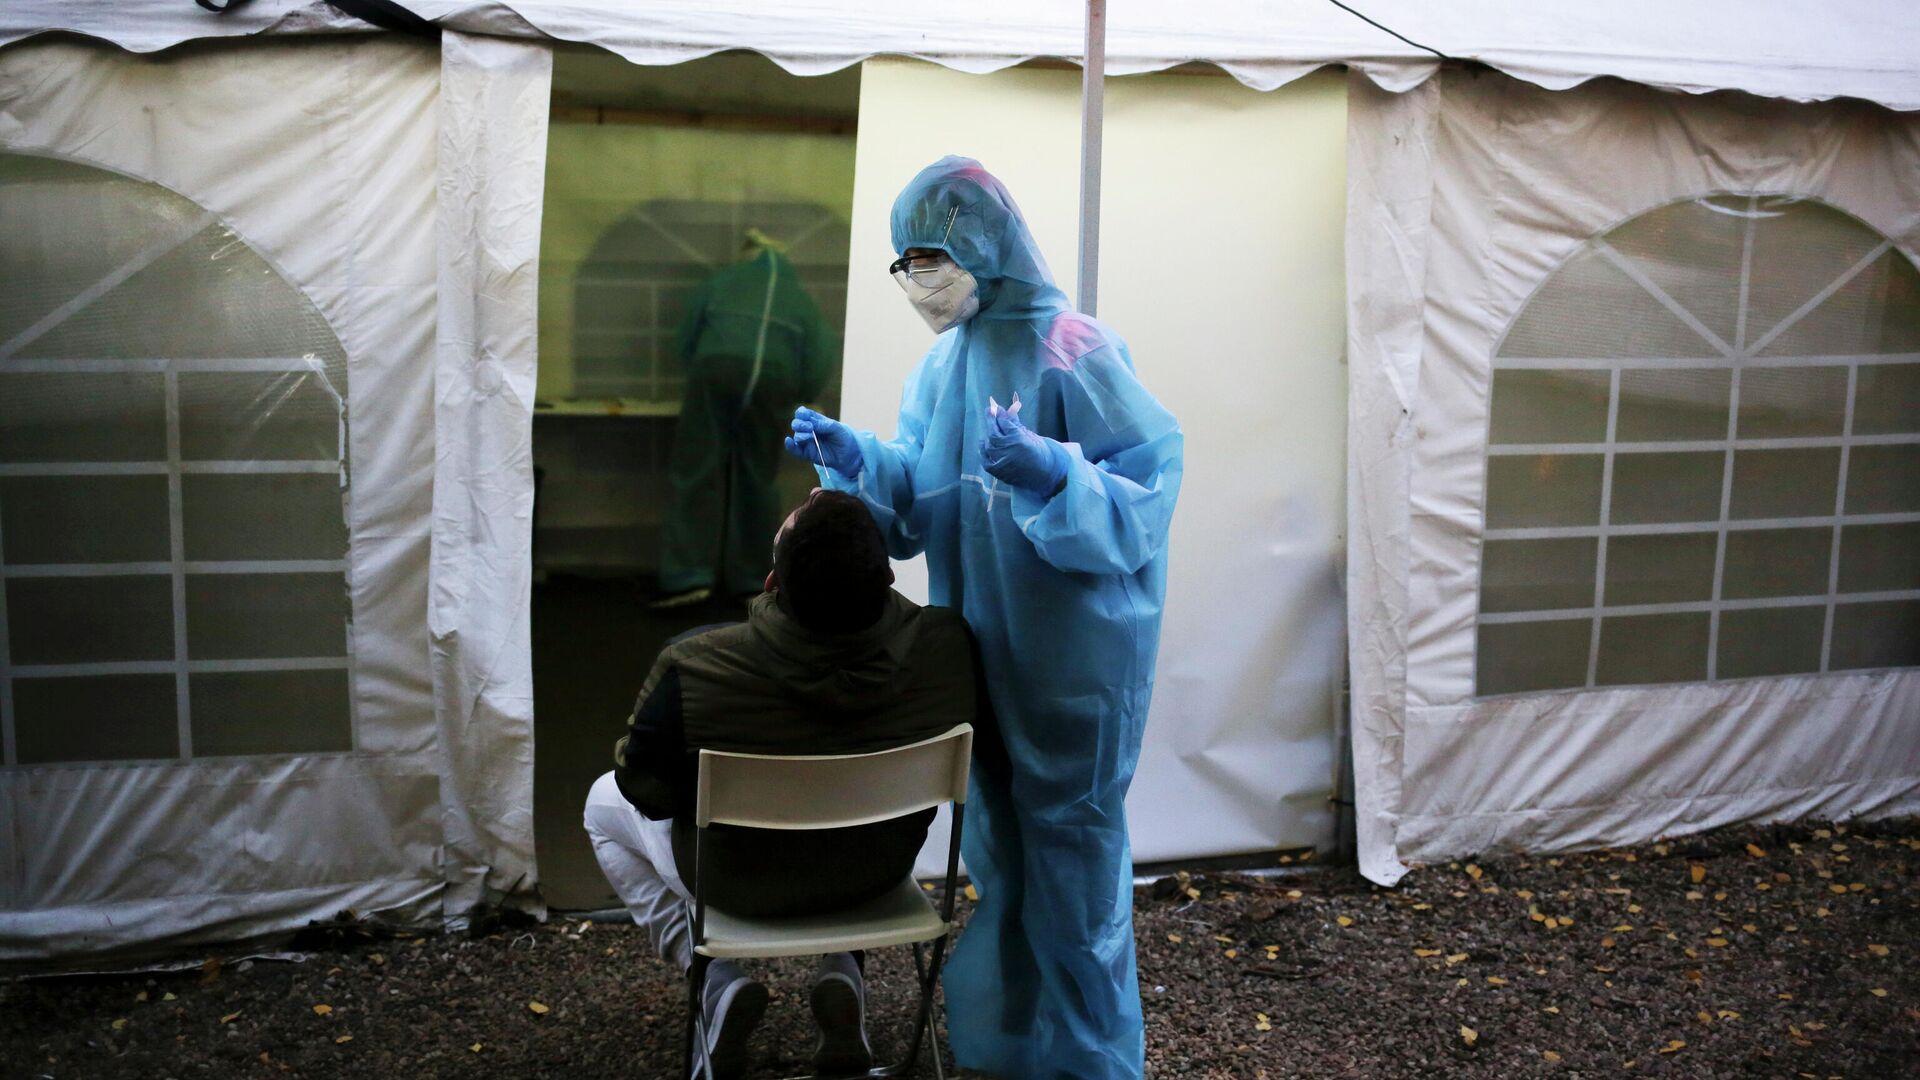 Медик в защитном костюму берет мазок у пациента во время тестирования на SARS CoV-2 в Берлине - РИА Новости, 1920, 22.12.2020